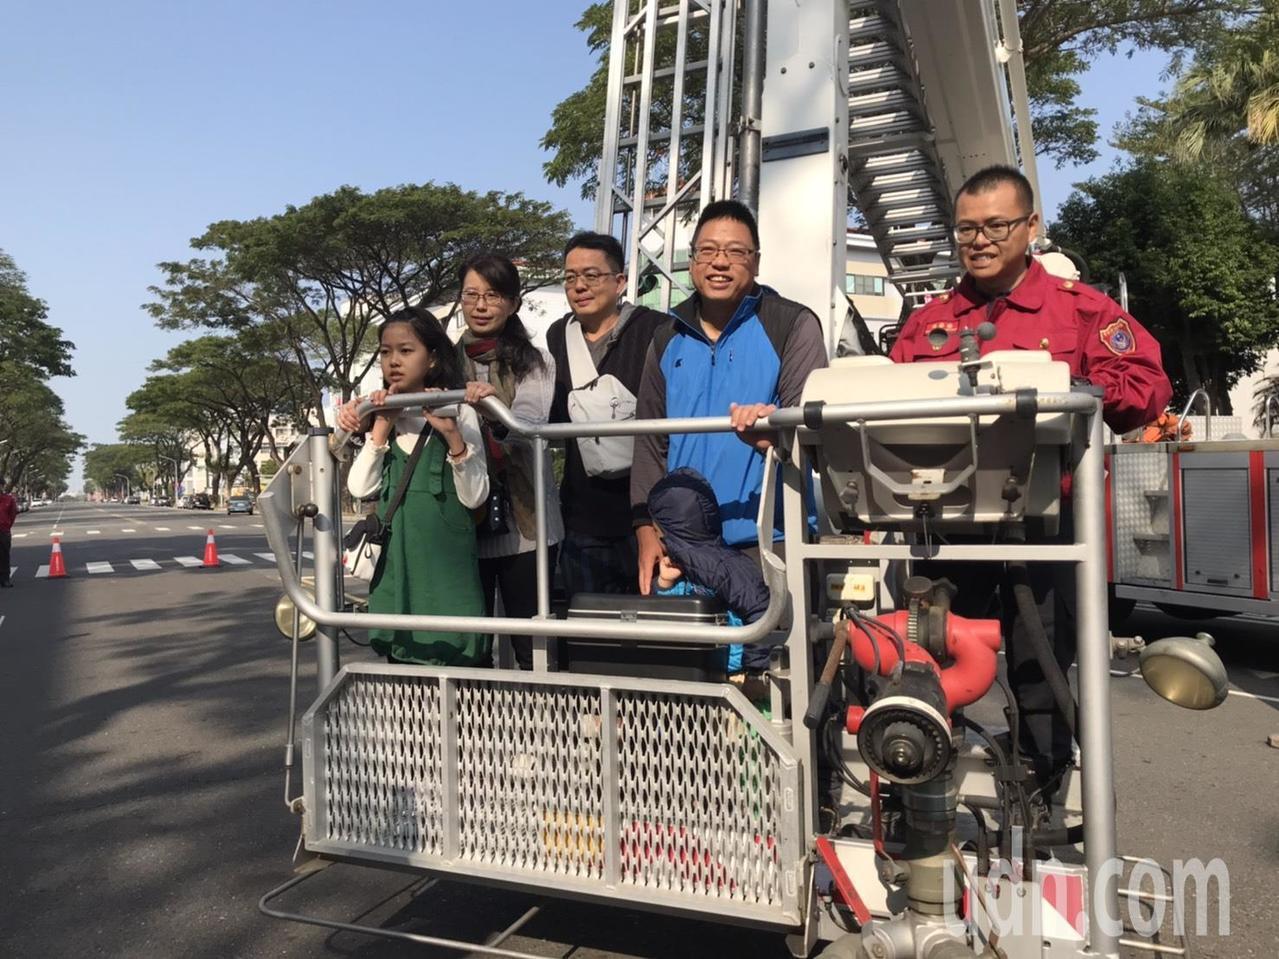 嘉縣消防局歡慶成立20週年 孩童搶玩火災避難VR體驗